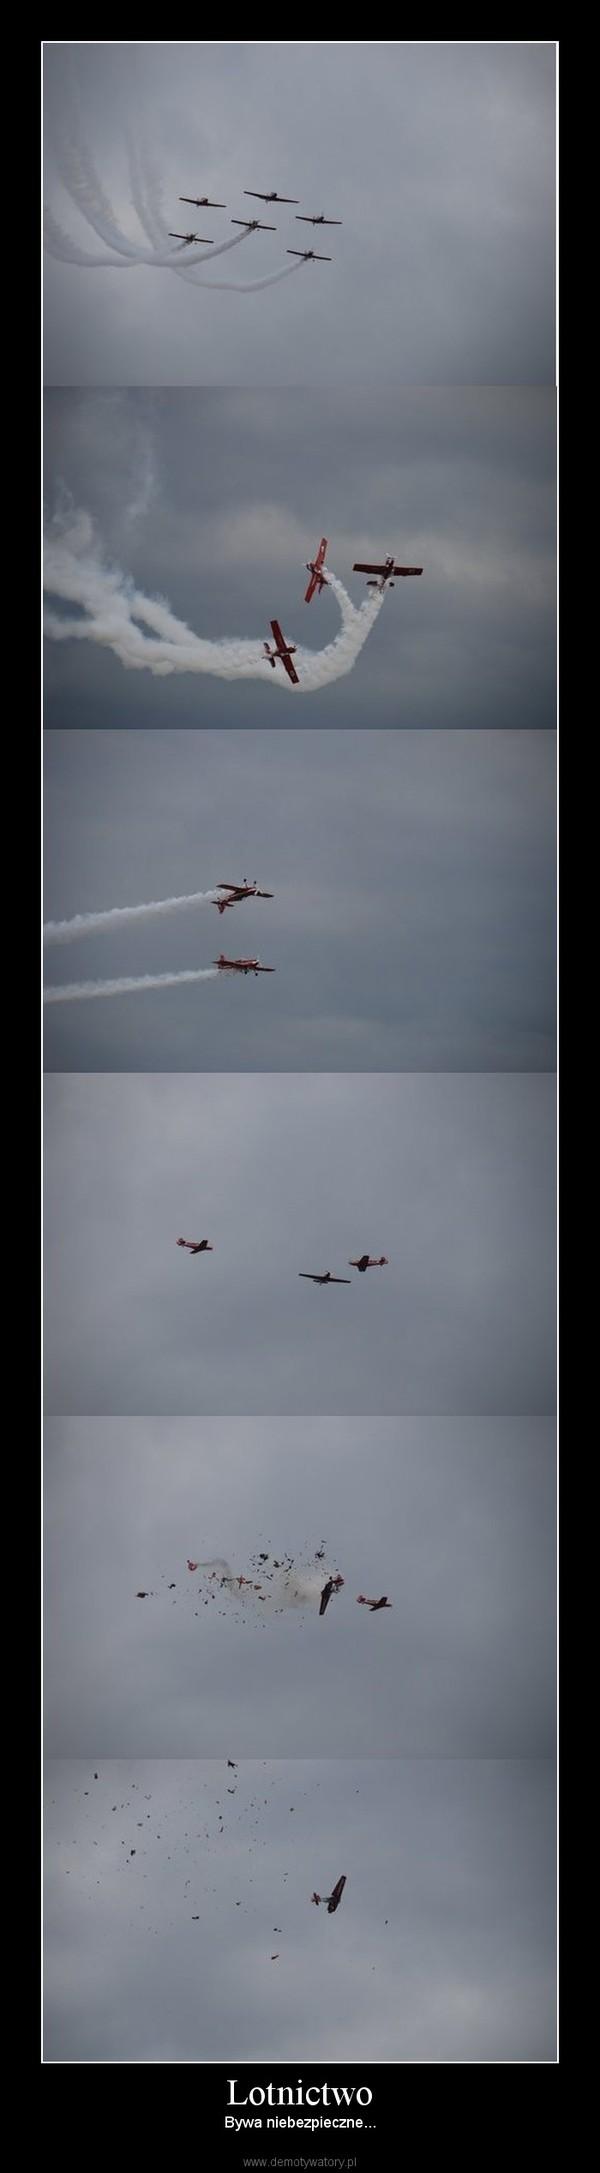 Lotnictwo – Bywa niebezpieczne...